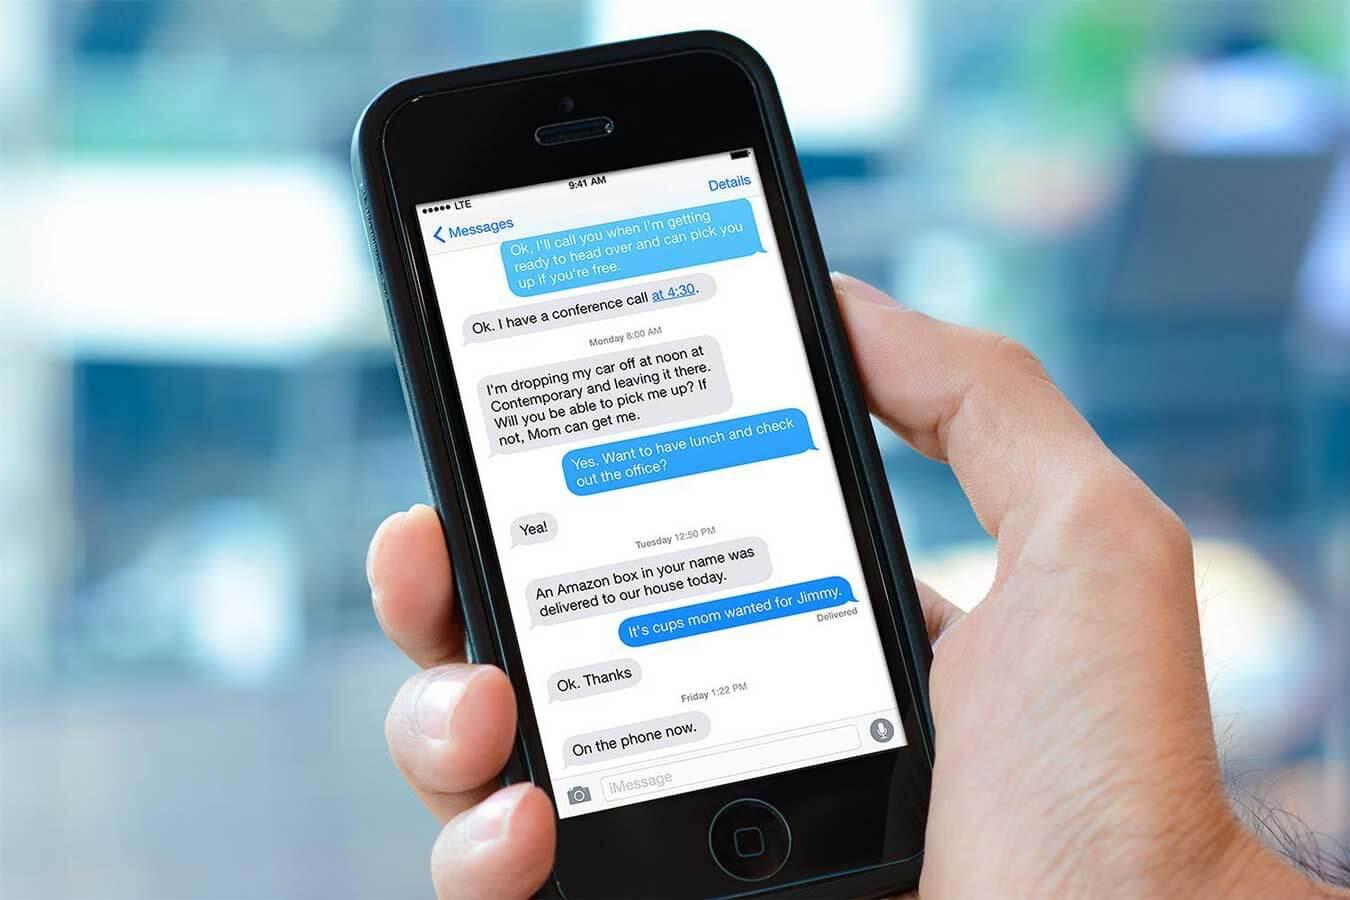 iMessage uygulaması çalışmıyor iMessage Çalışmıyor iPhone iMessage Çalışmıyor Sorunu Çözümü imessage uygulamasi